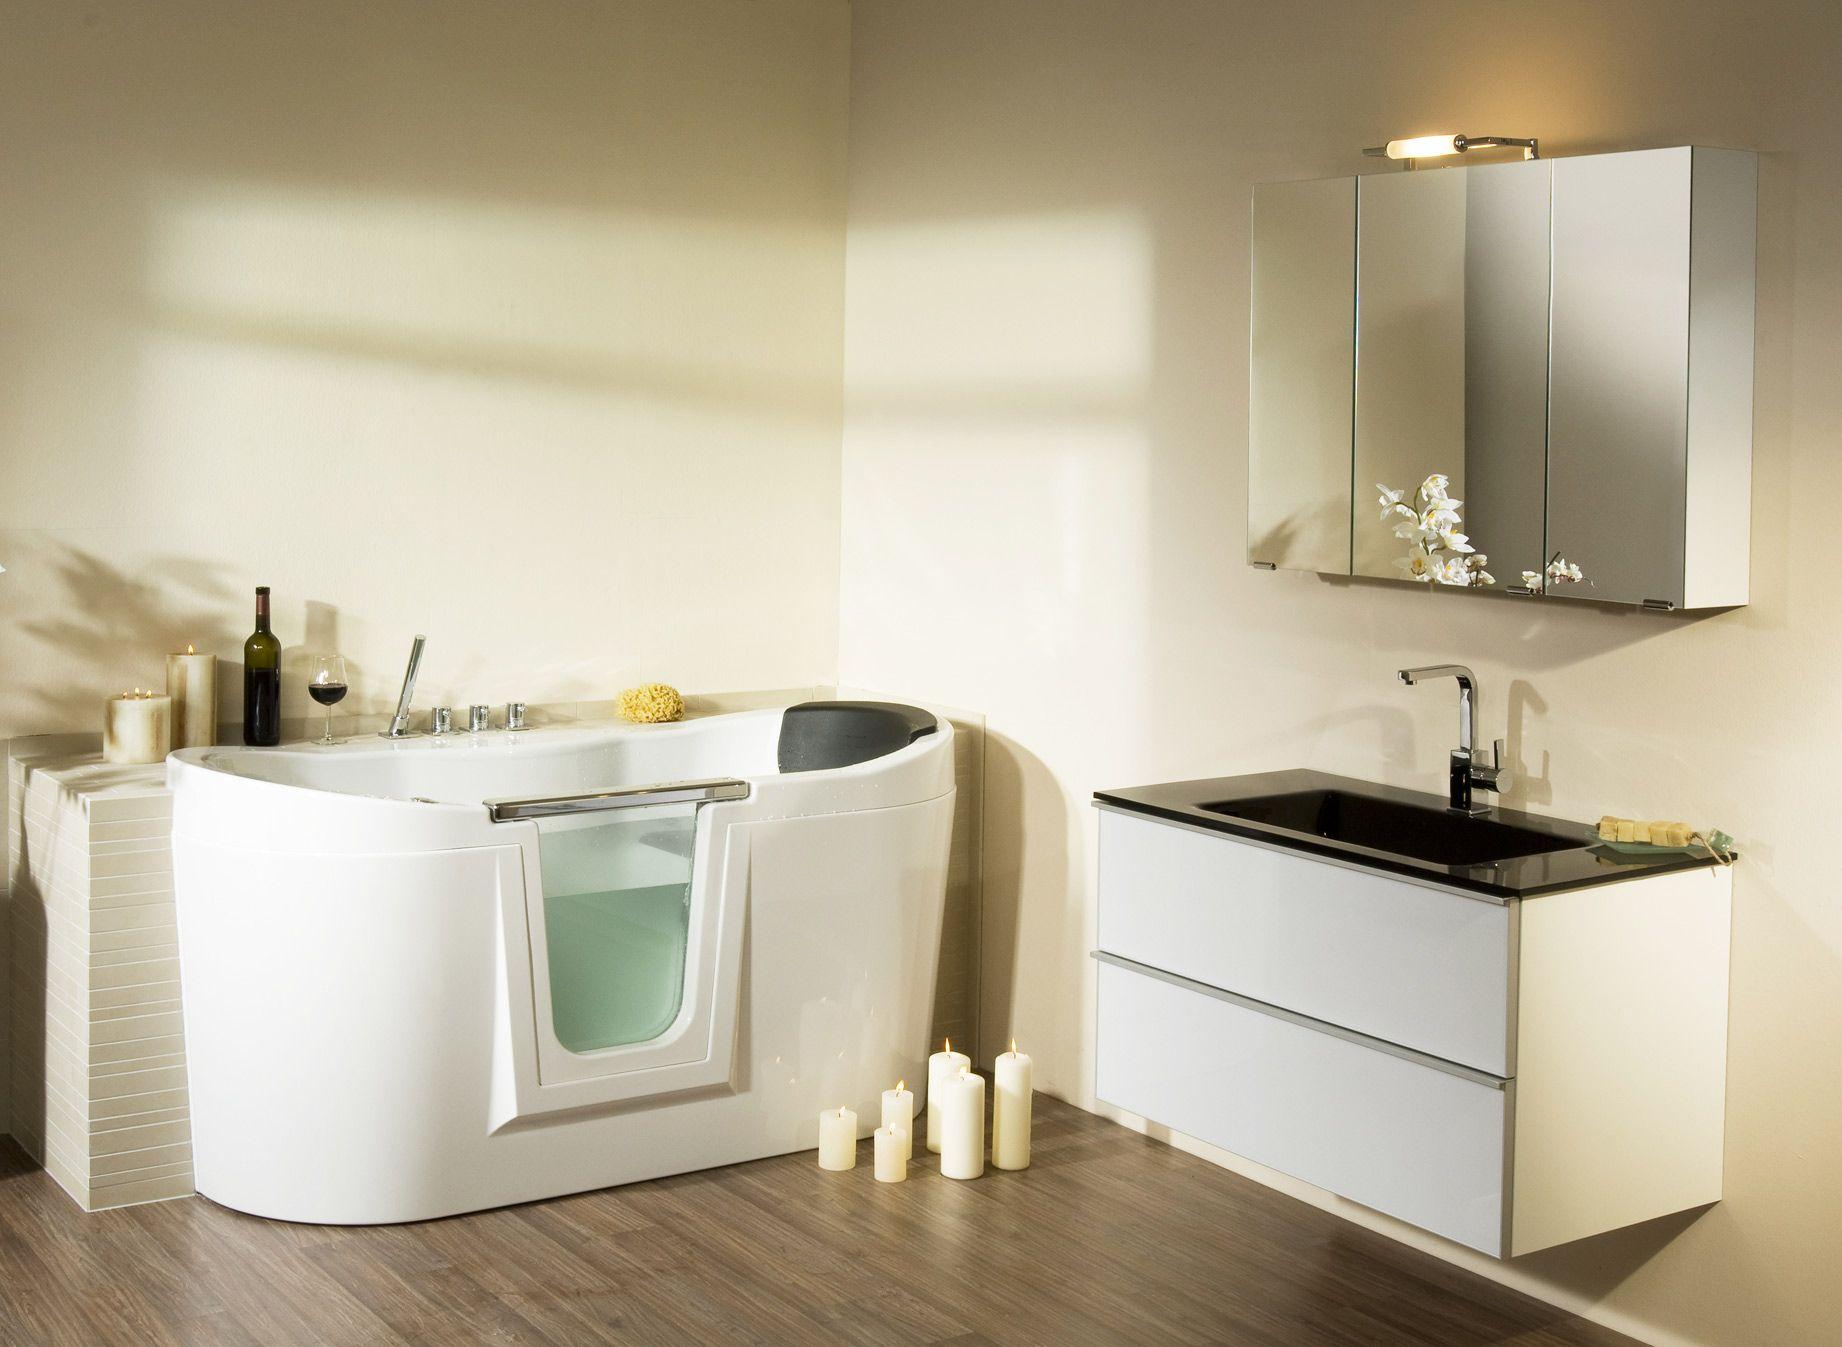 badewanne barrierefrei umbauen   Home, Bathtub